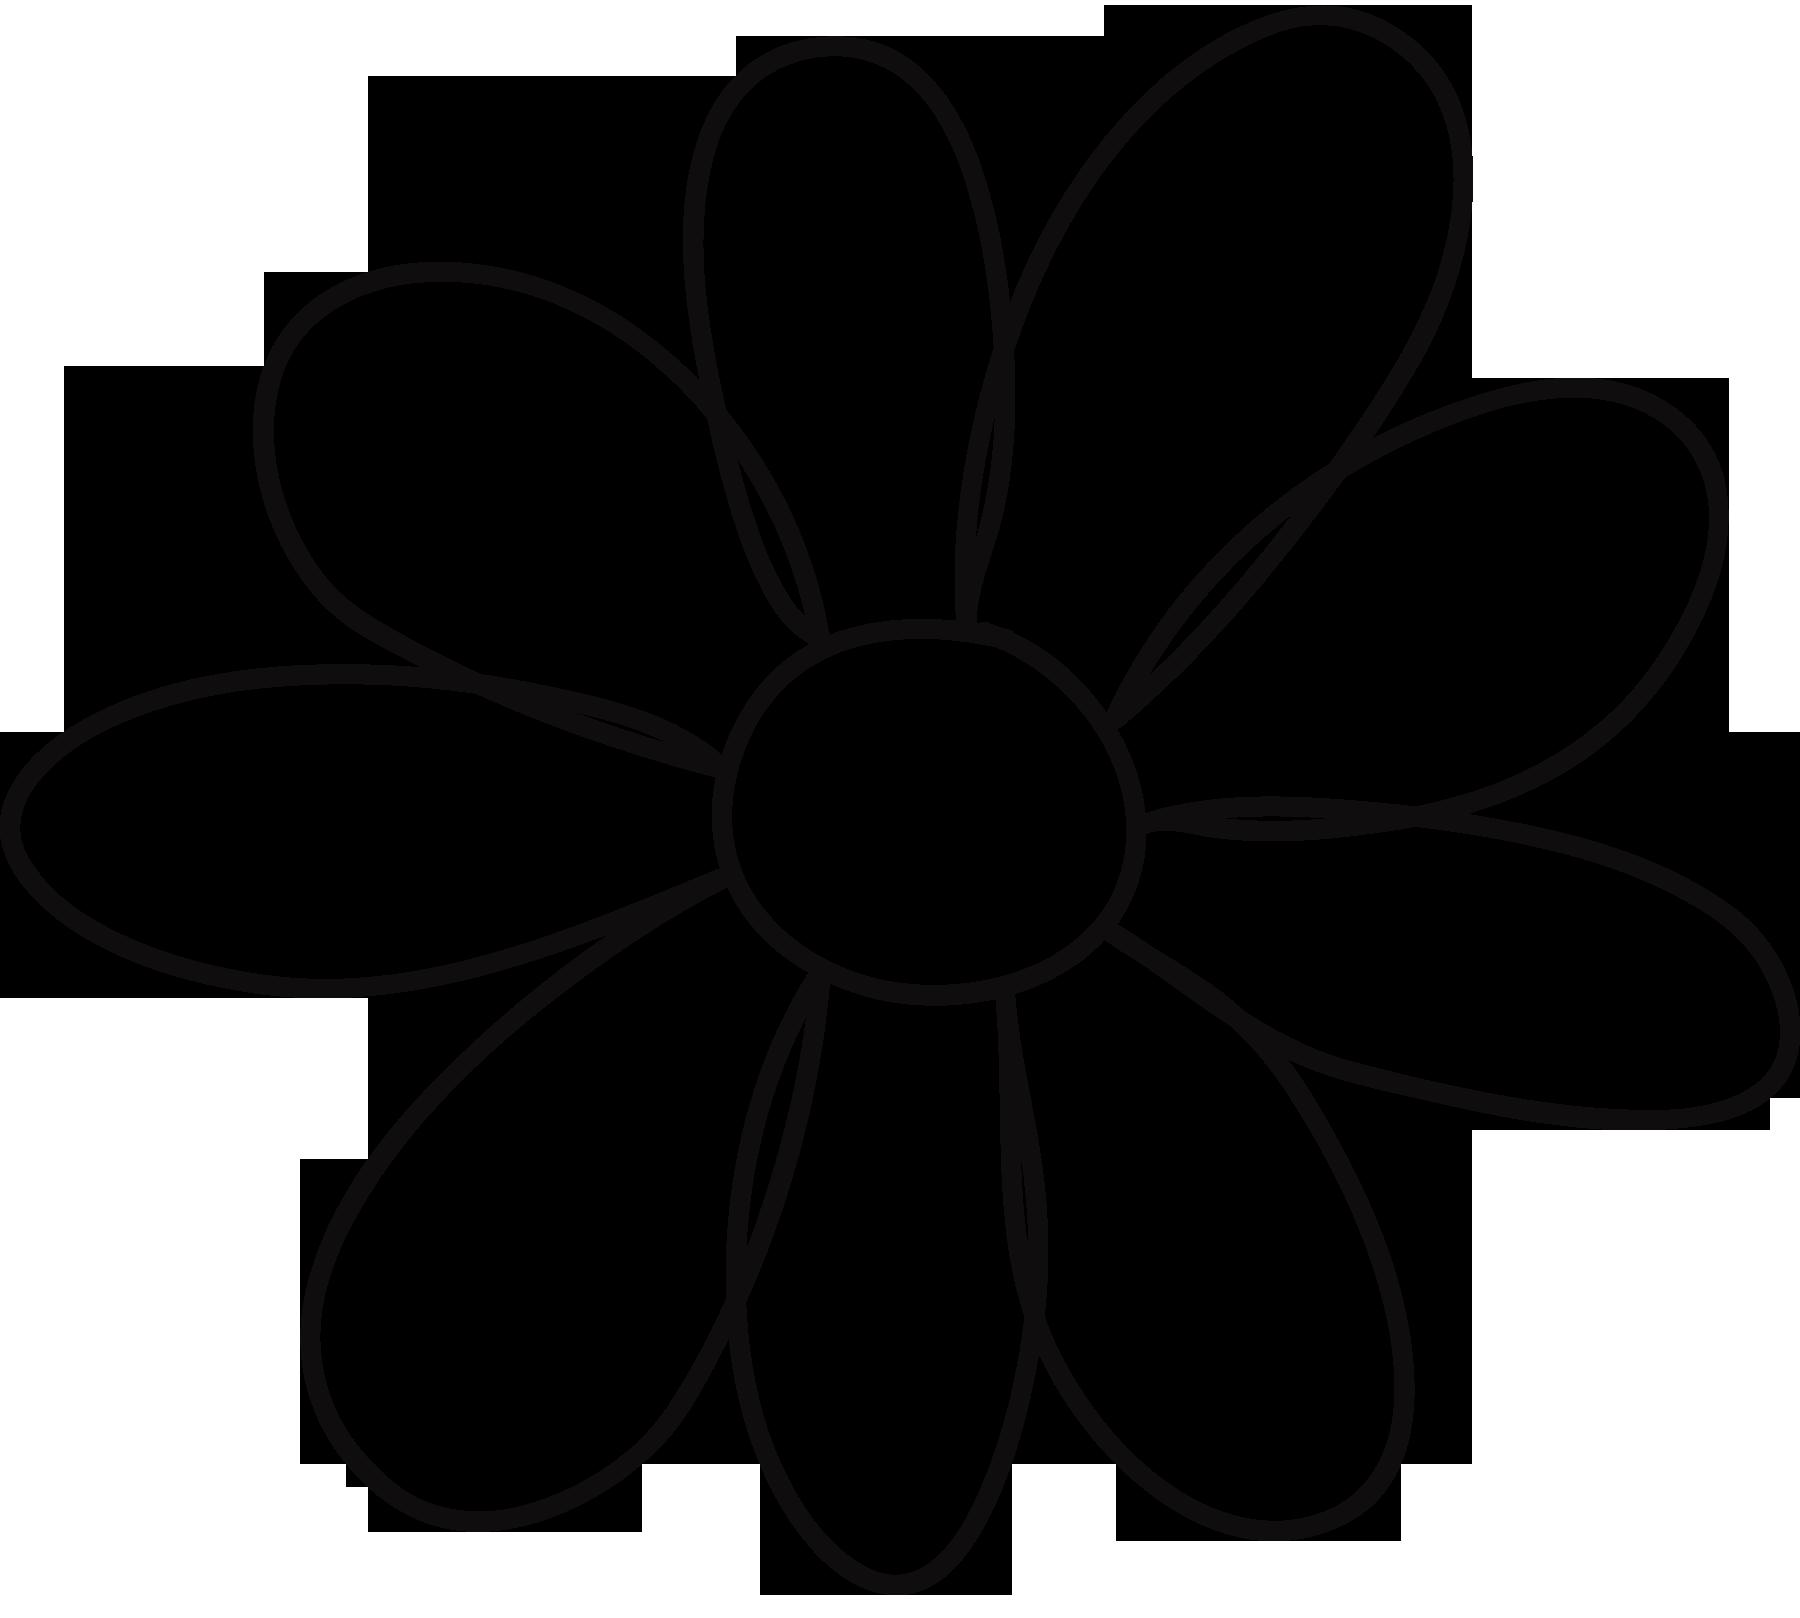 10 petal flower template.